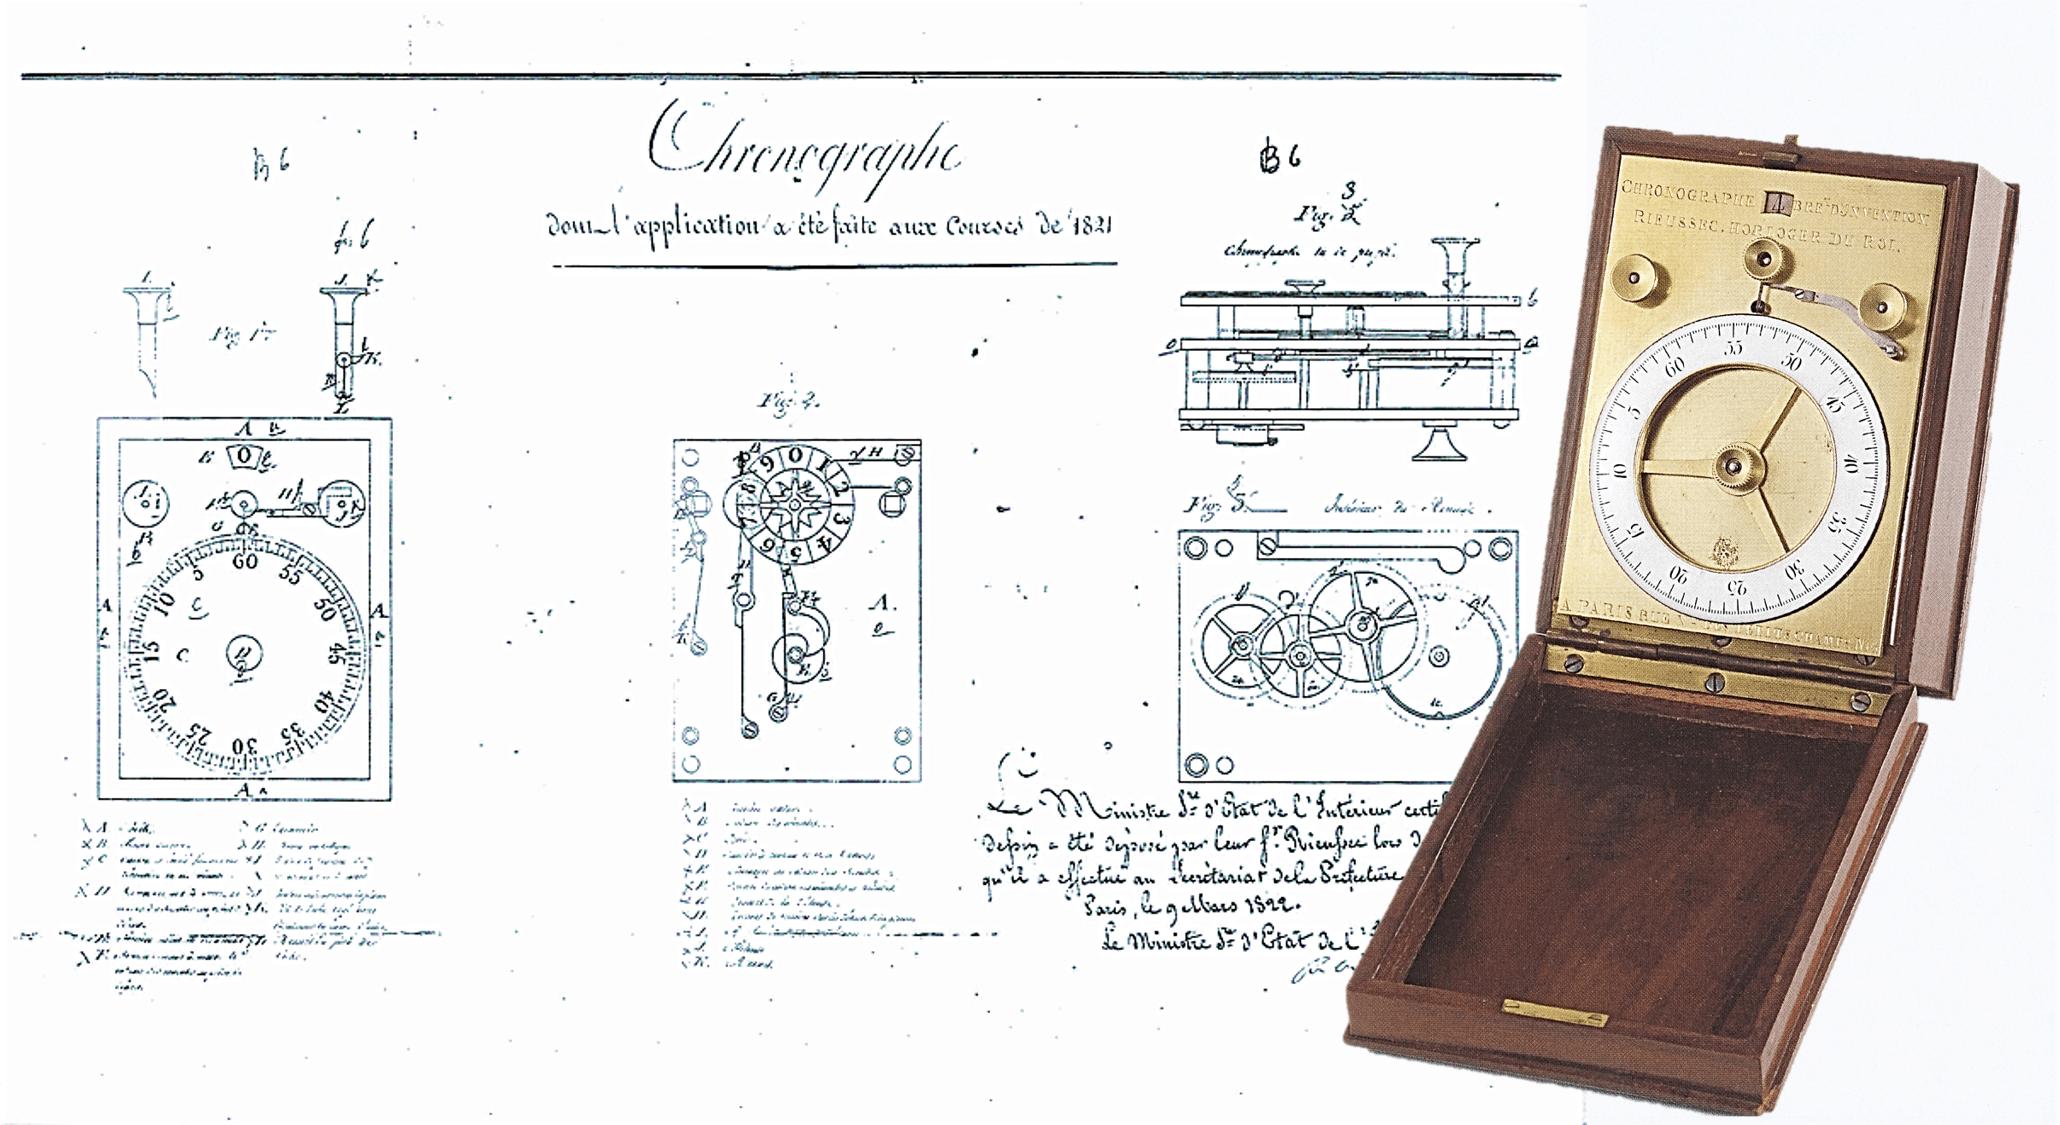 Patentanmeldung des Rieussec Chronographen im Jahr 1822